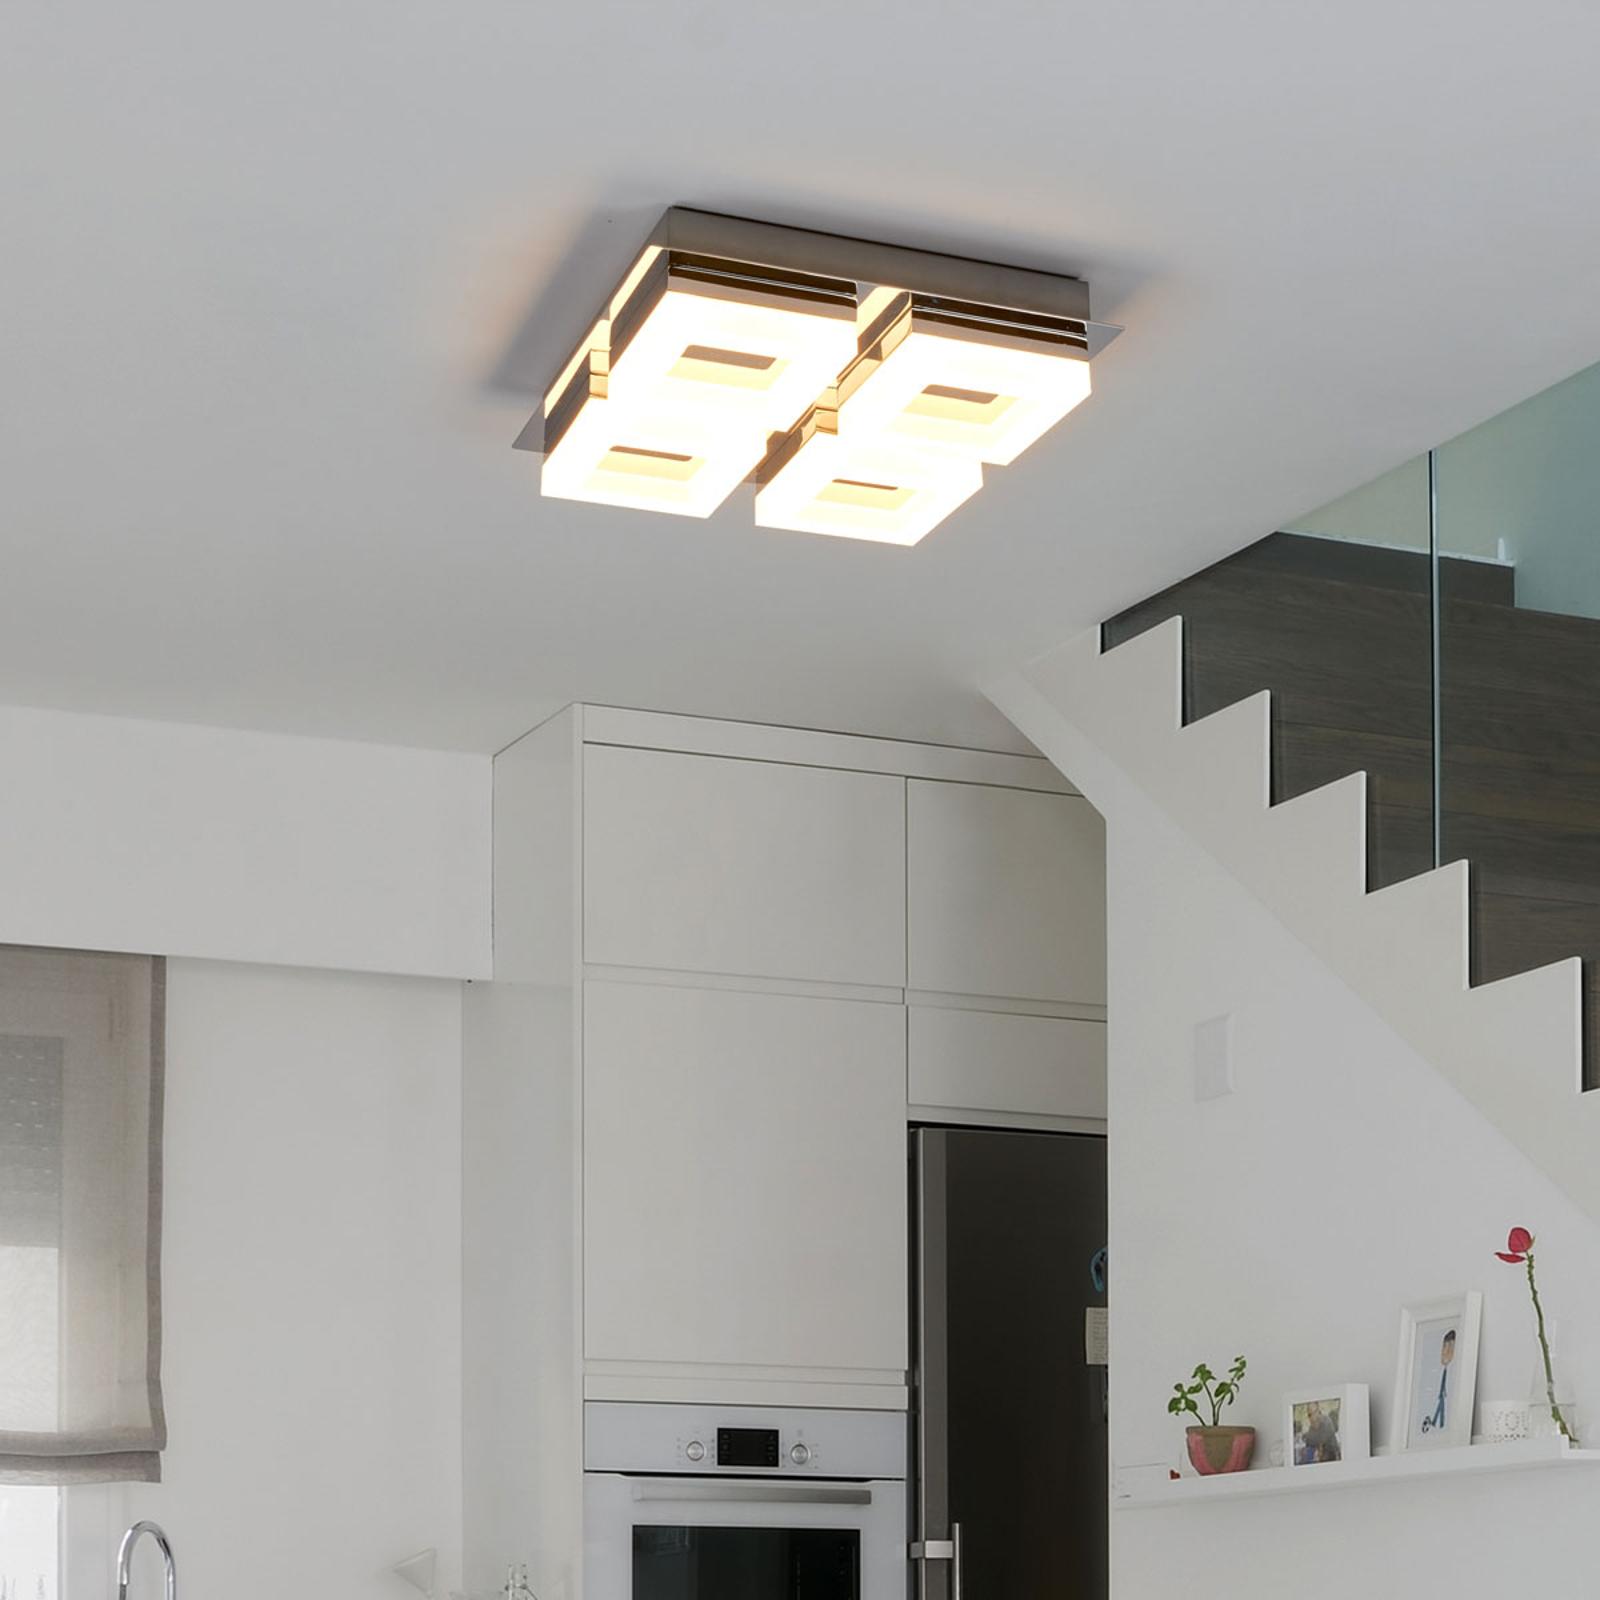 LED badkamer plafondlamp Marija met vier lichtbr.